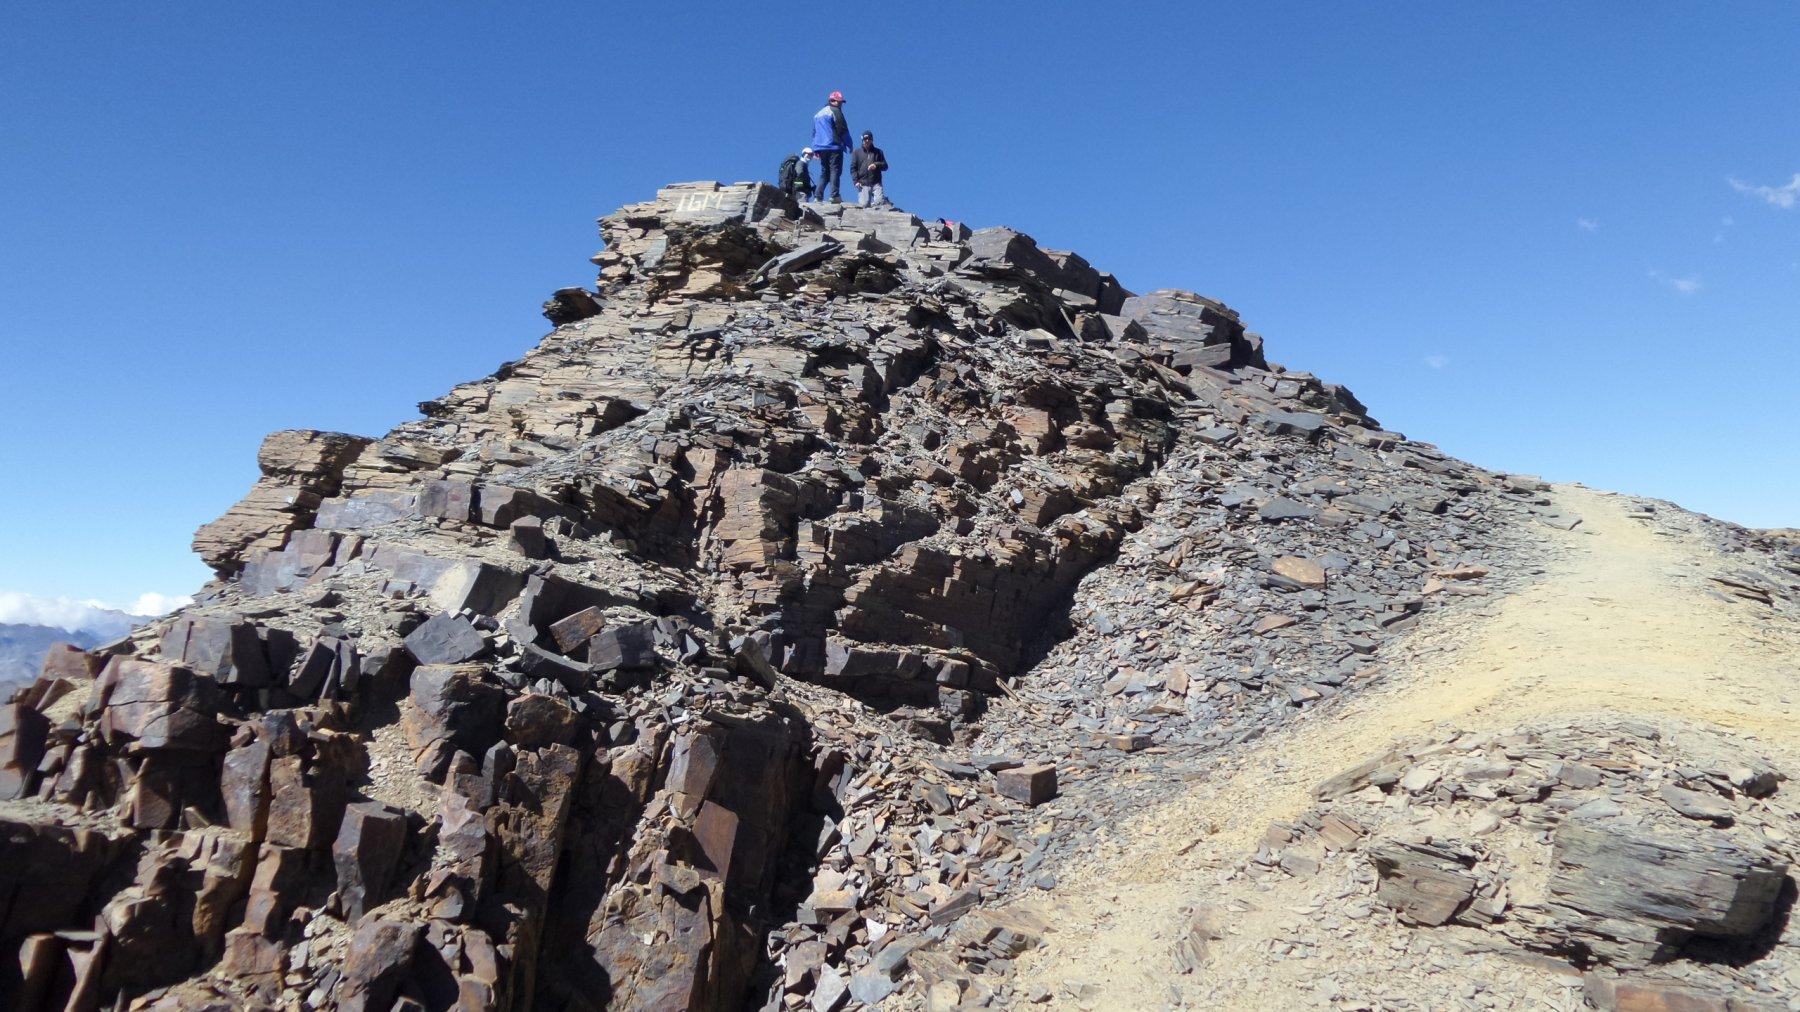 l'arrivo in vetta al Pico Chacaltaya (10-8-2015)